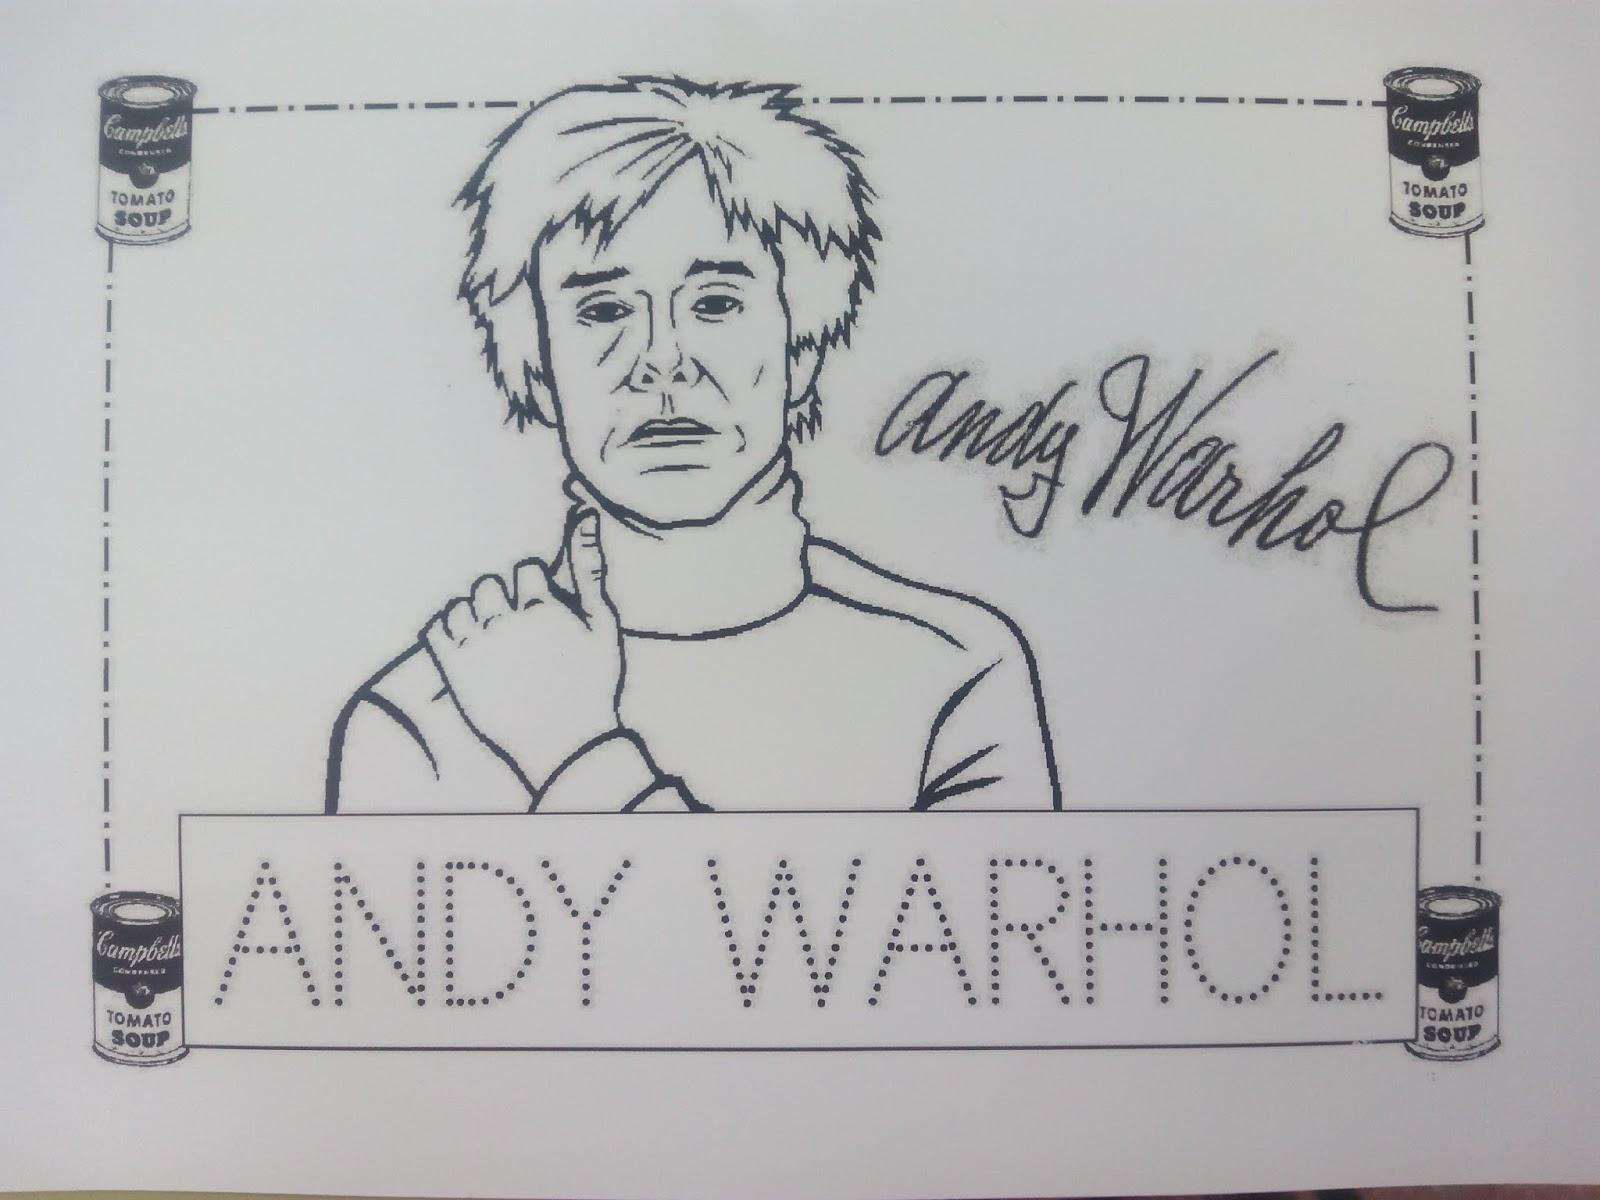 PEQUE BASILIO: TRABAJAMOS EL NOMBRE DE ANDY WARHOL